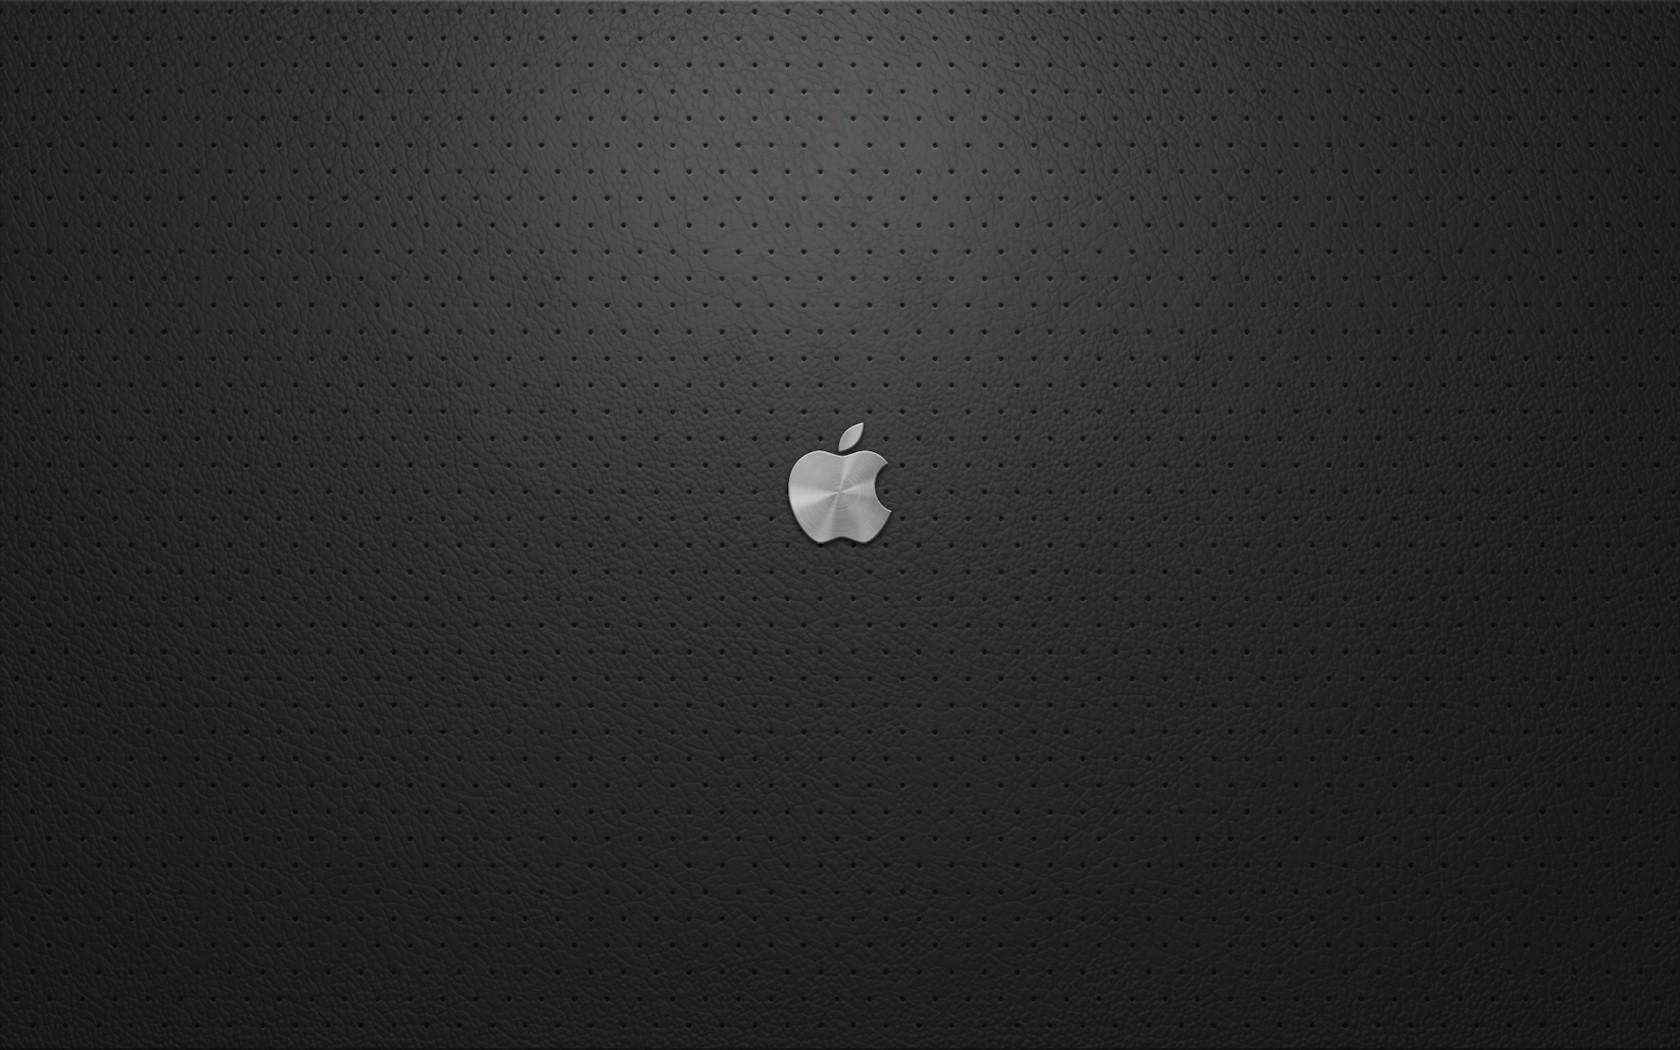 белая абстракция Ipad air apple бесплатно